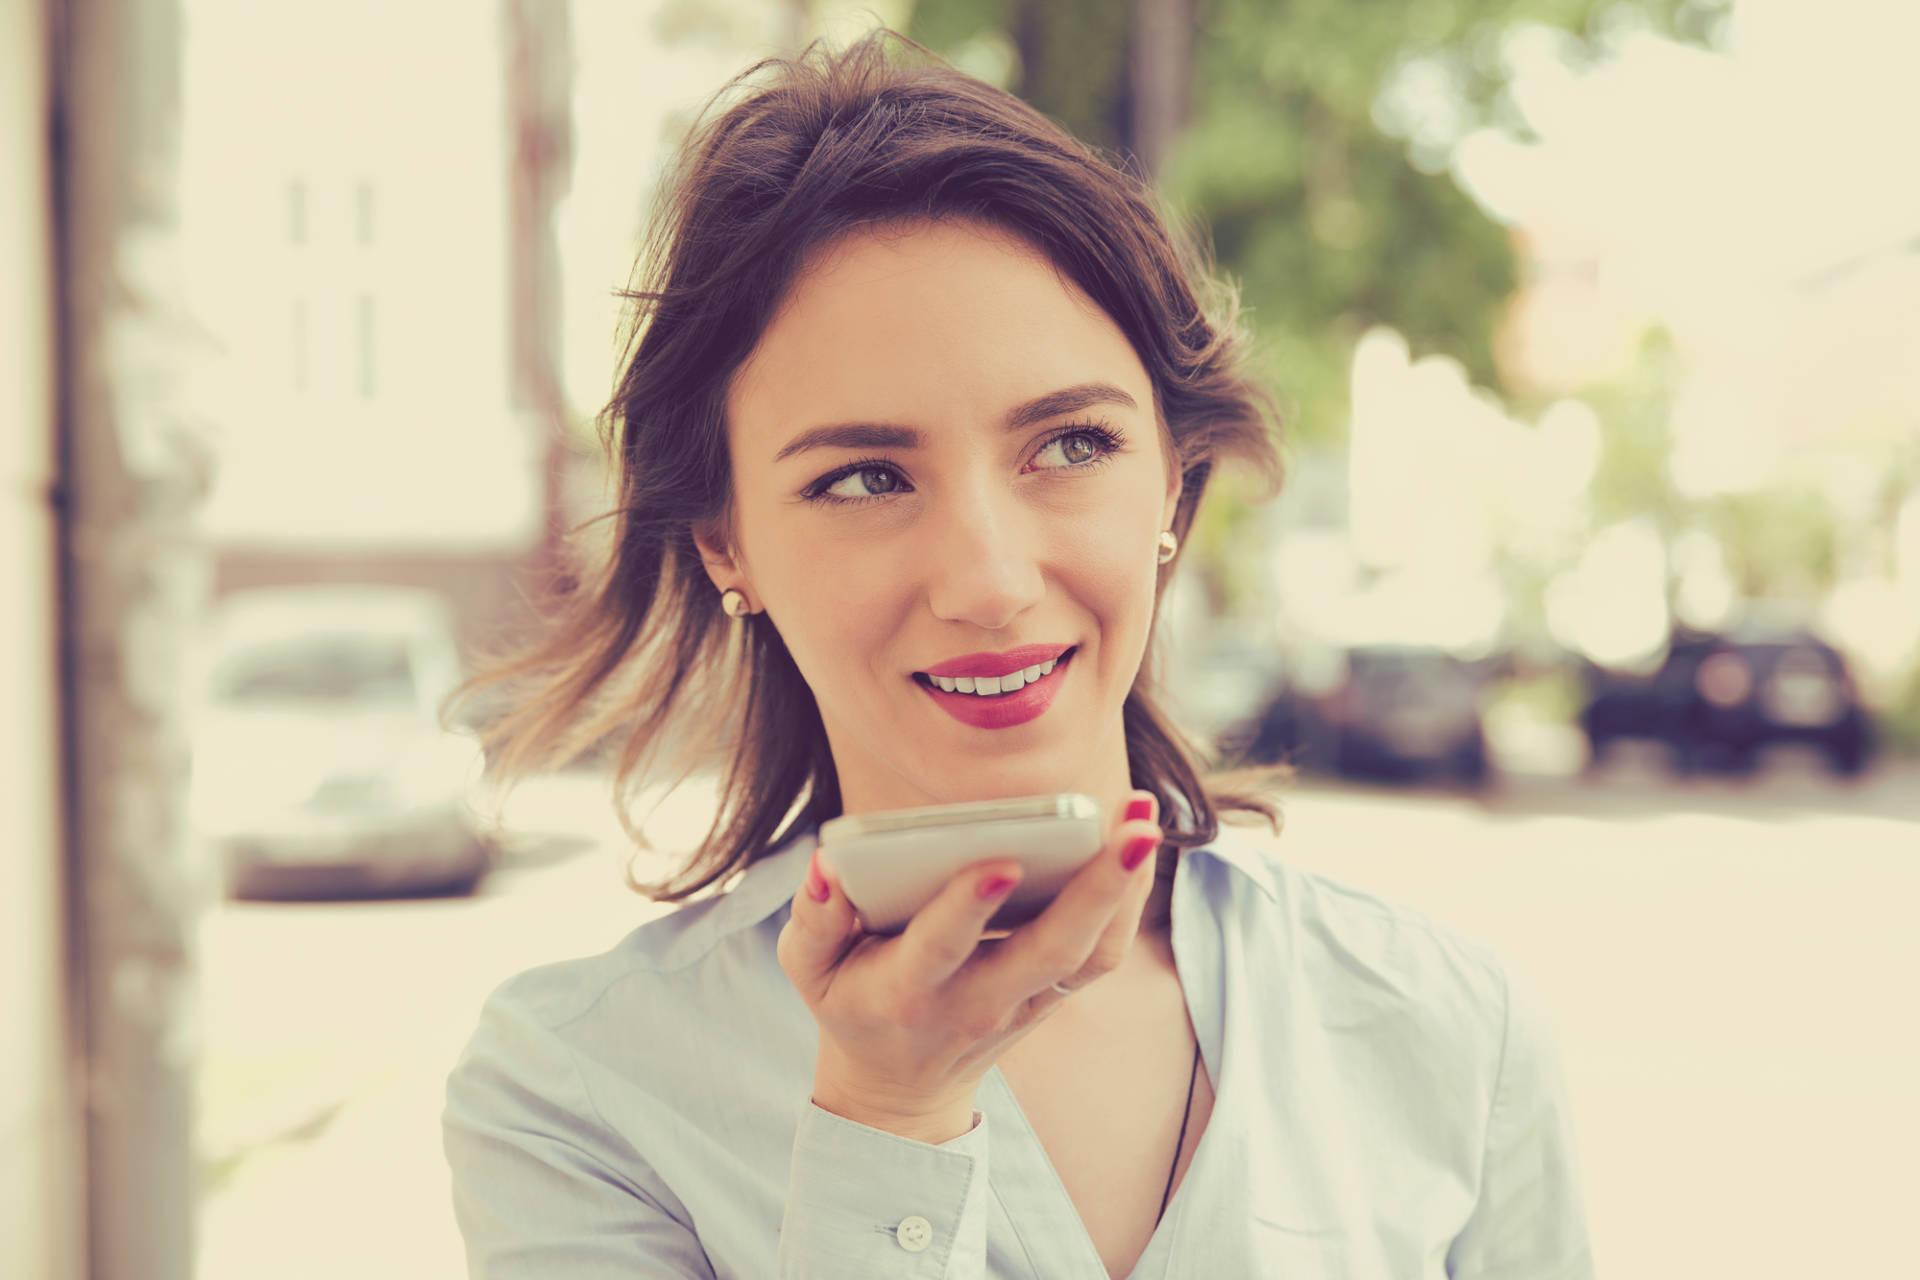 Vocal Search: come funziona e cosa cambia nelle ricerche